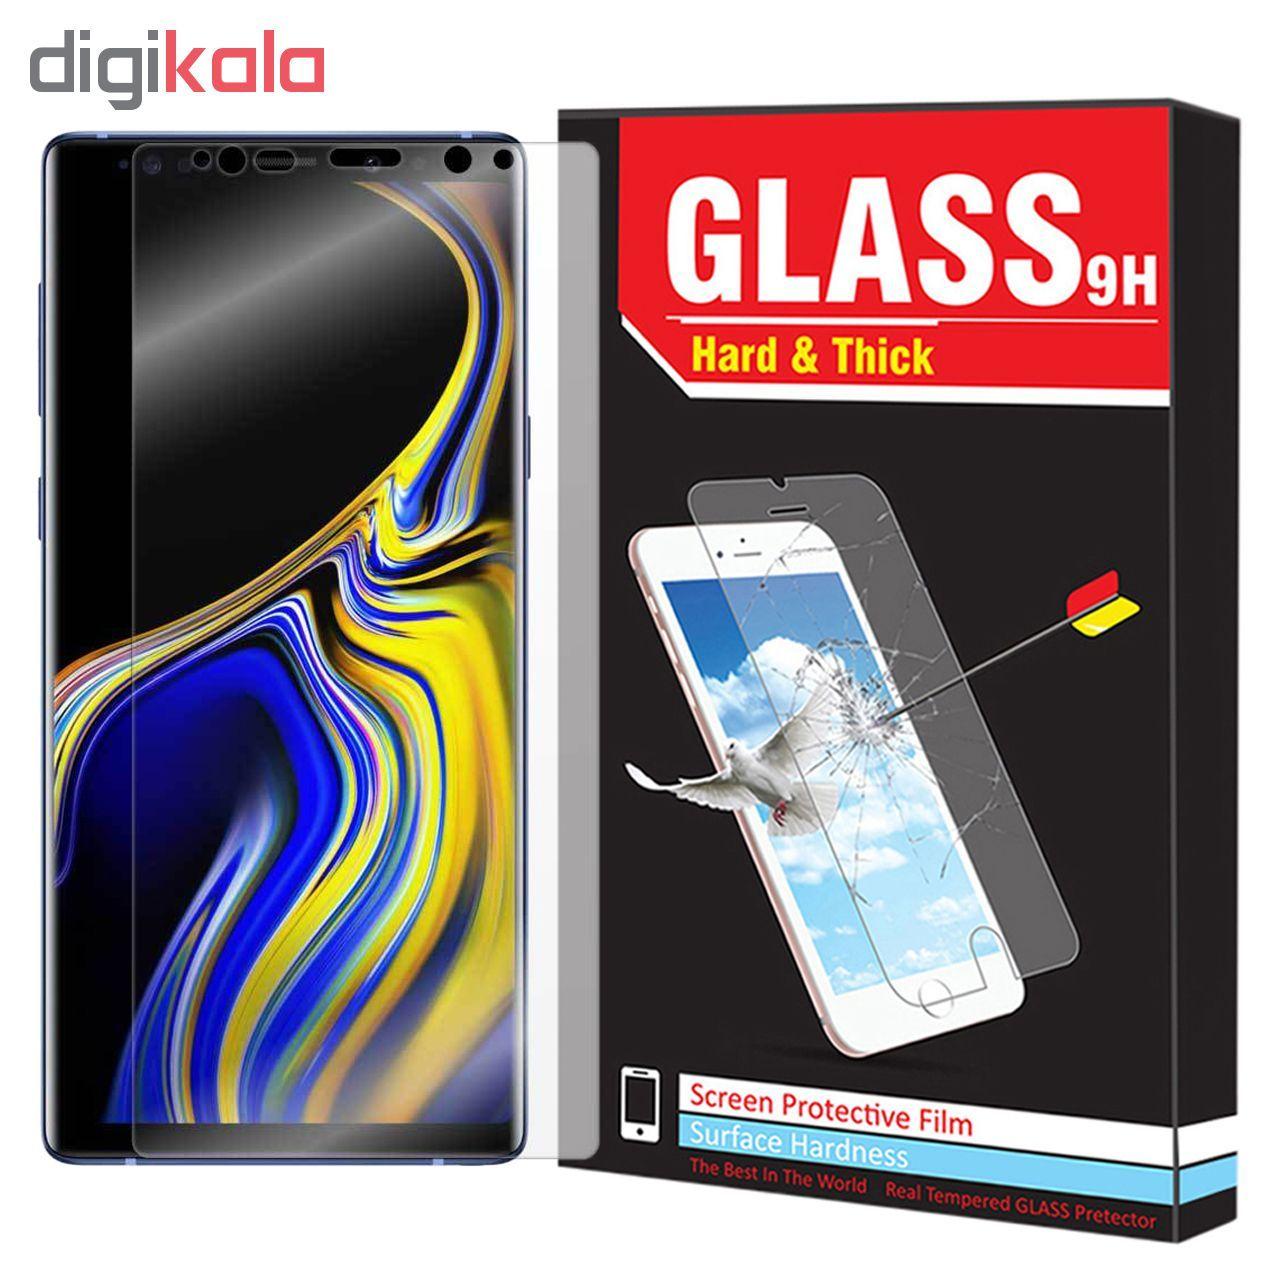 محافظ صفحه نمایش  یووی لایت Hard and thick مدل U-02 مناسب برای گوشی موبایل سامسونگ Galaxy Note 9 main 1 1